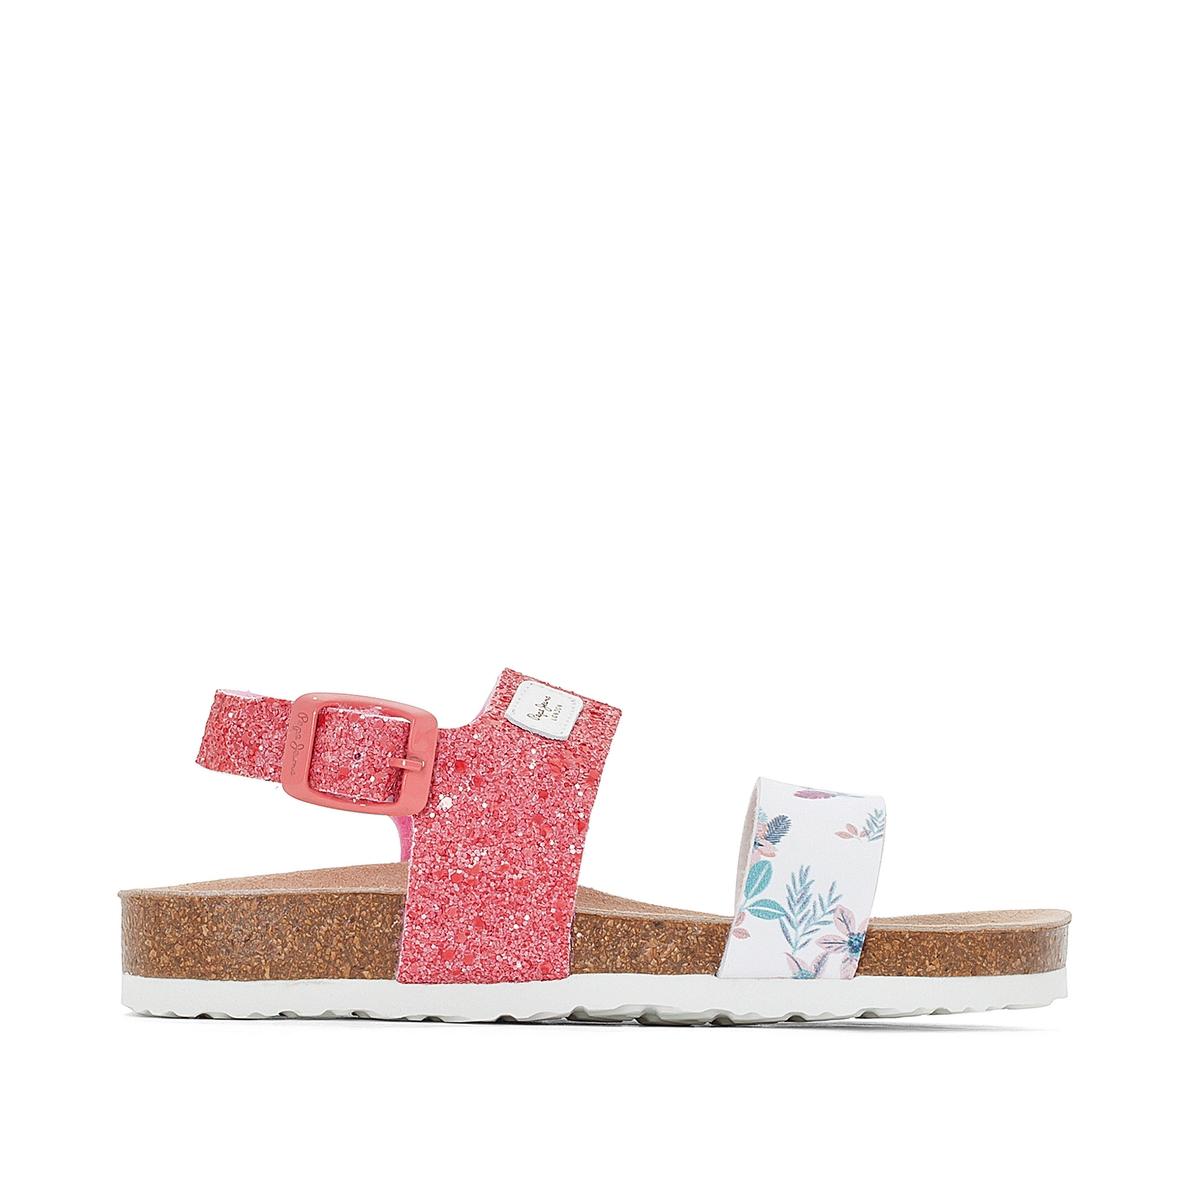 Сандалии  Bio FlowerВерх : кожа   Подкладка : без подкладки   Стелька : кожа   Подошва : каучук    Застежка : пряжка<br><br>Цвет: розовый/ белый,сине-серый<br>Размер: 35.38.38